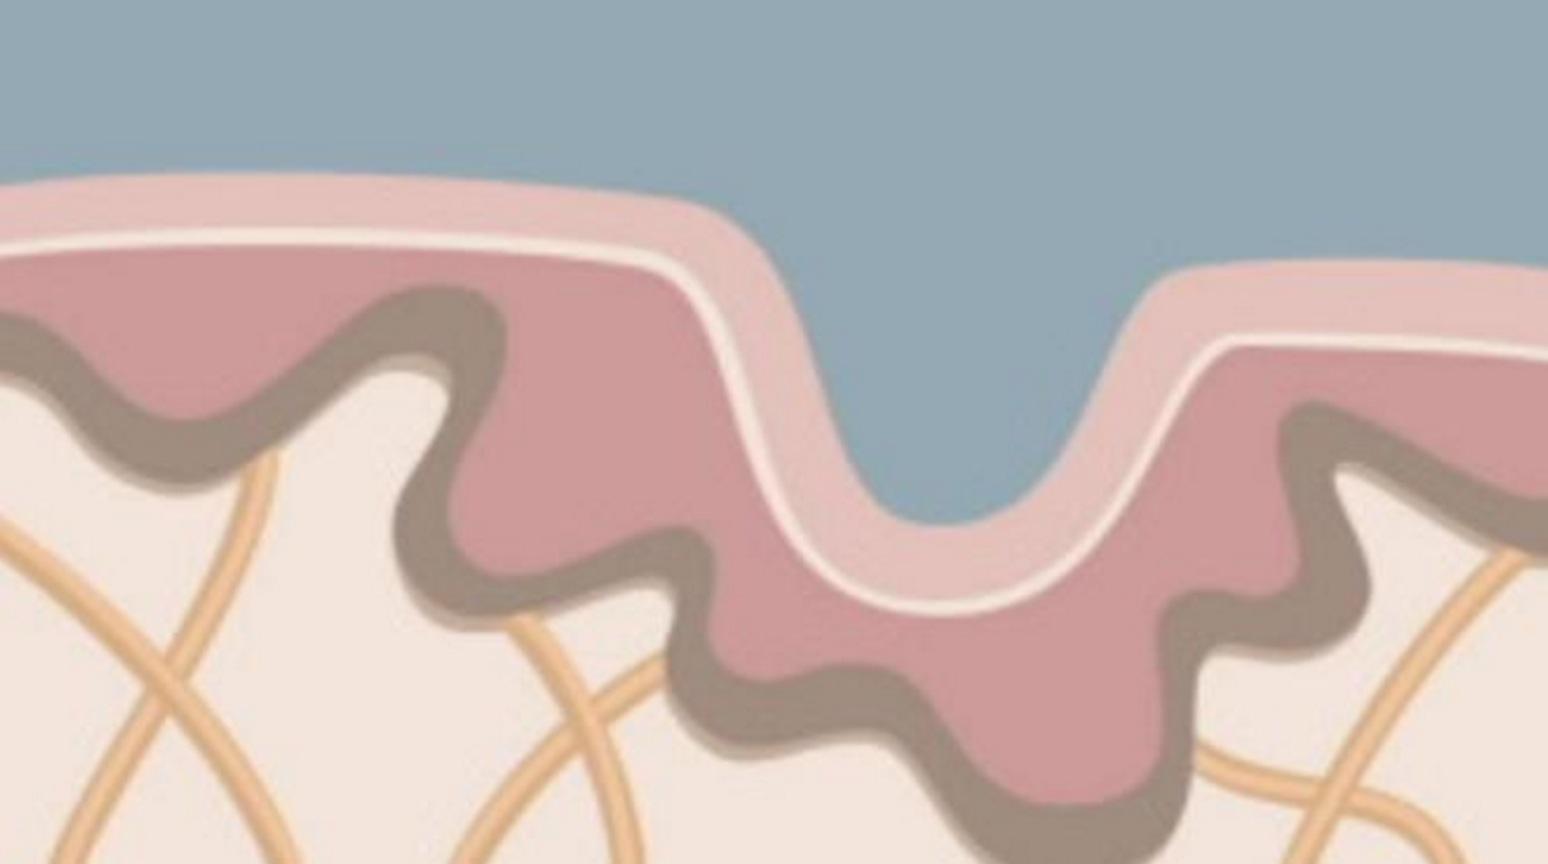 Stress, gener, UV-strålning, vad du äter påverkar huden och kapaciteten att bryta ner ämnen i vårt största organ. Huden